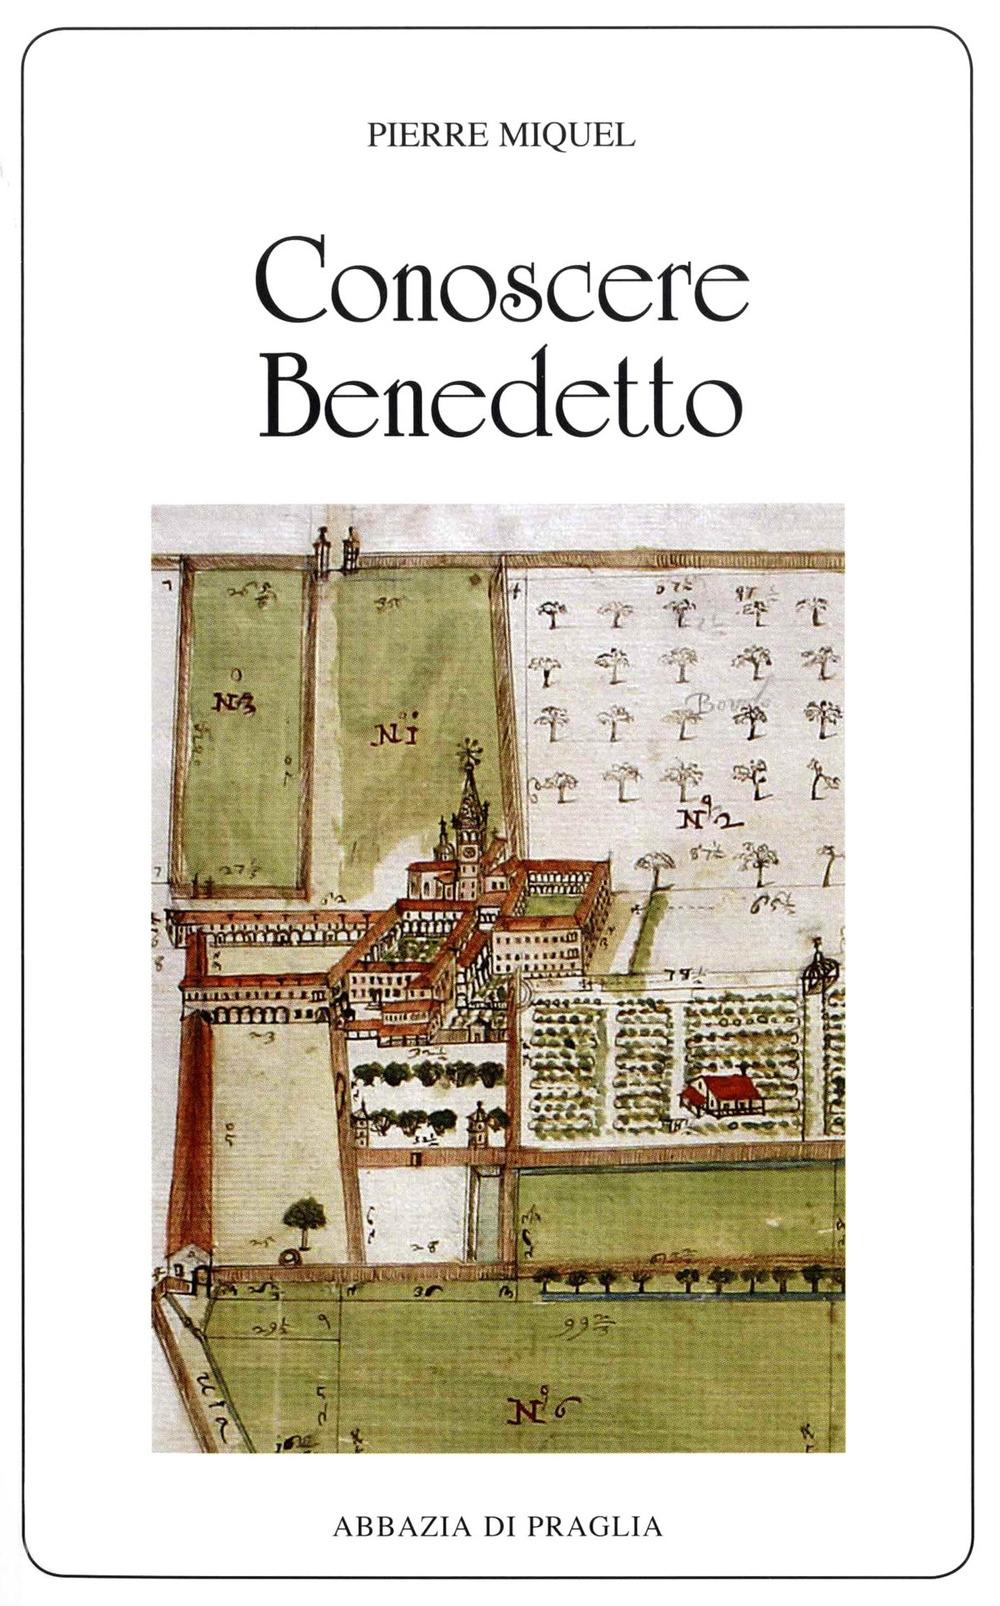 Conoscere Benedetto